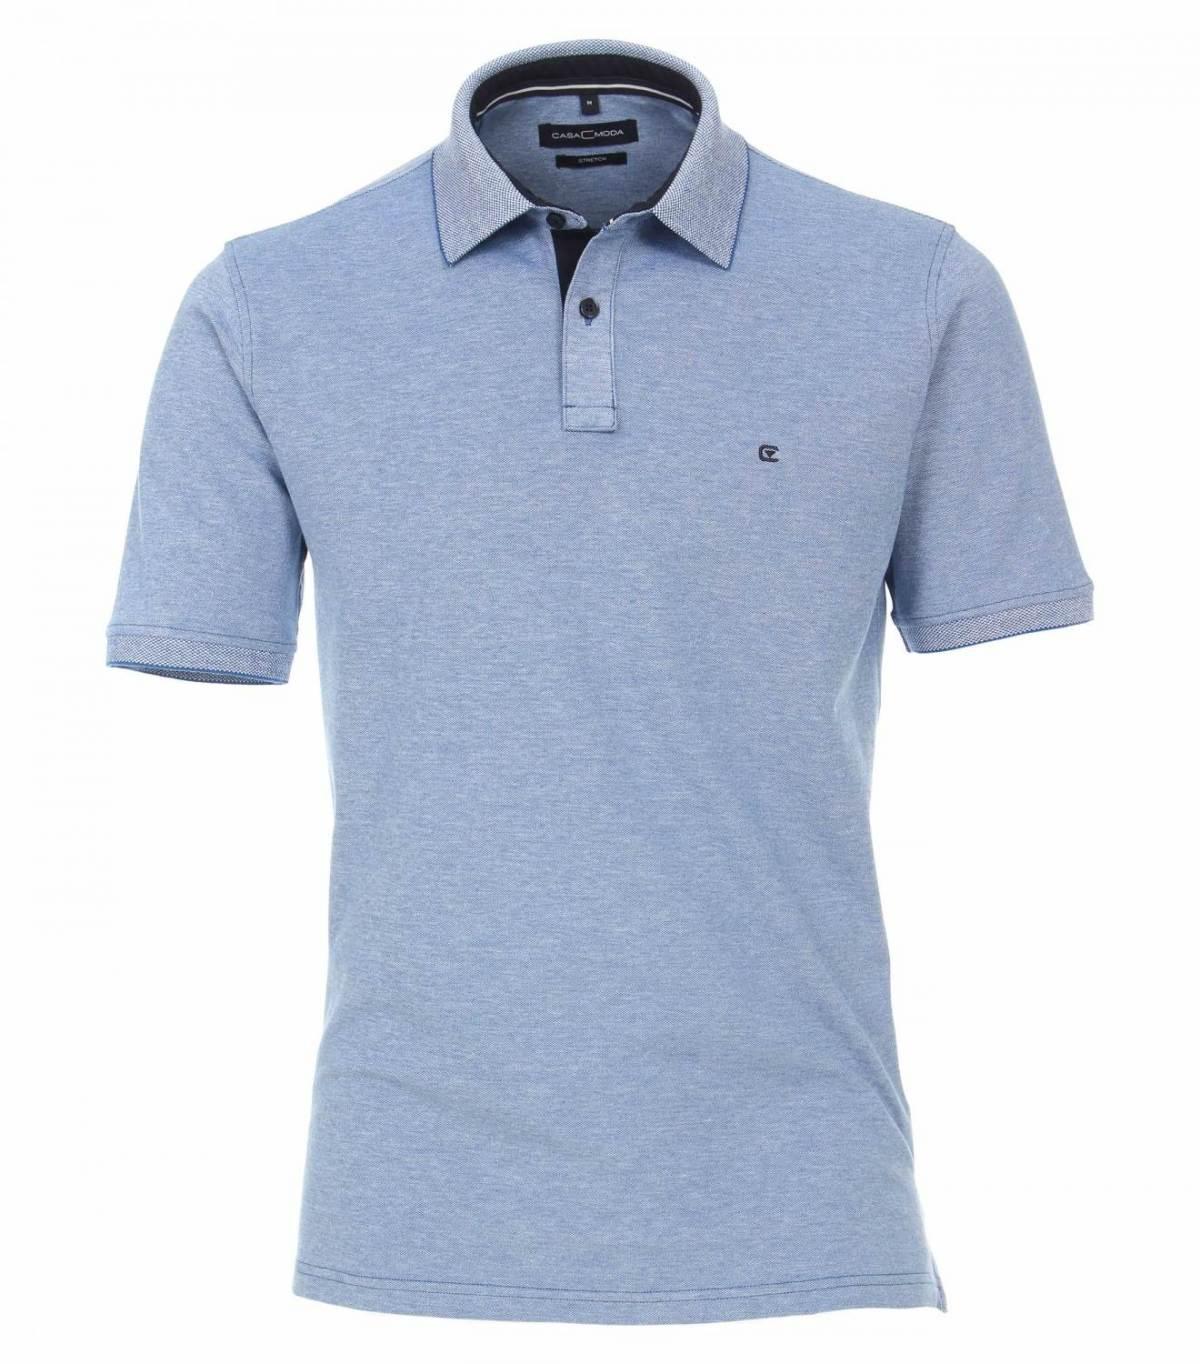 004470 145 - - Con Murphys Menswear